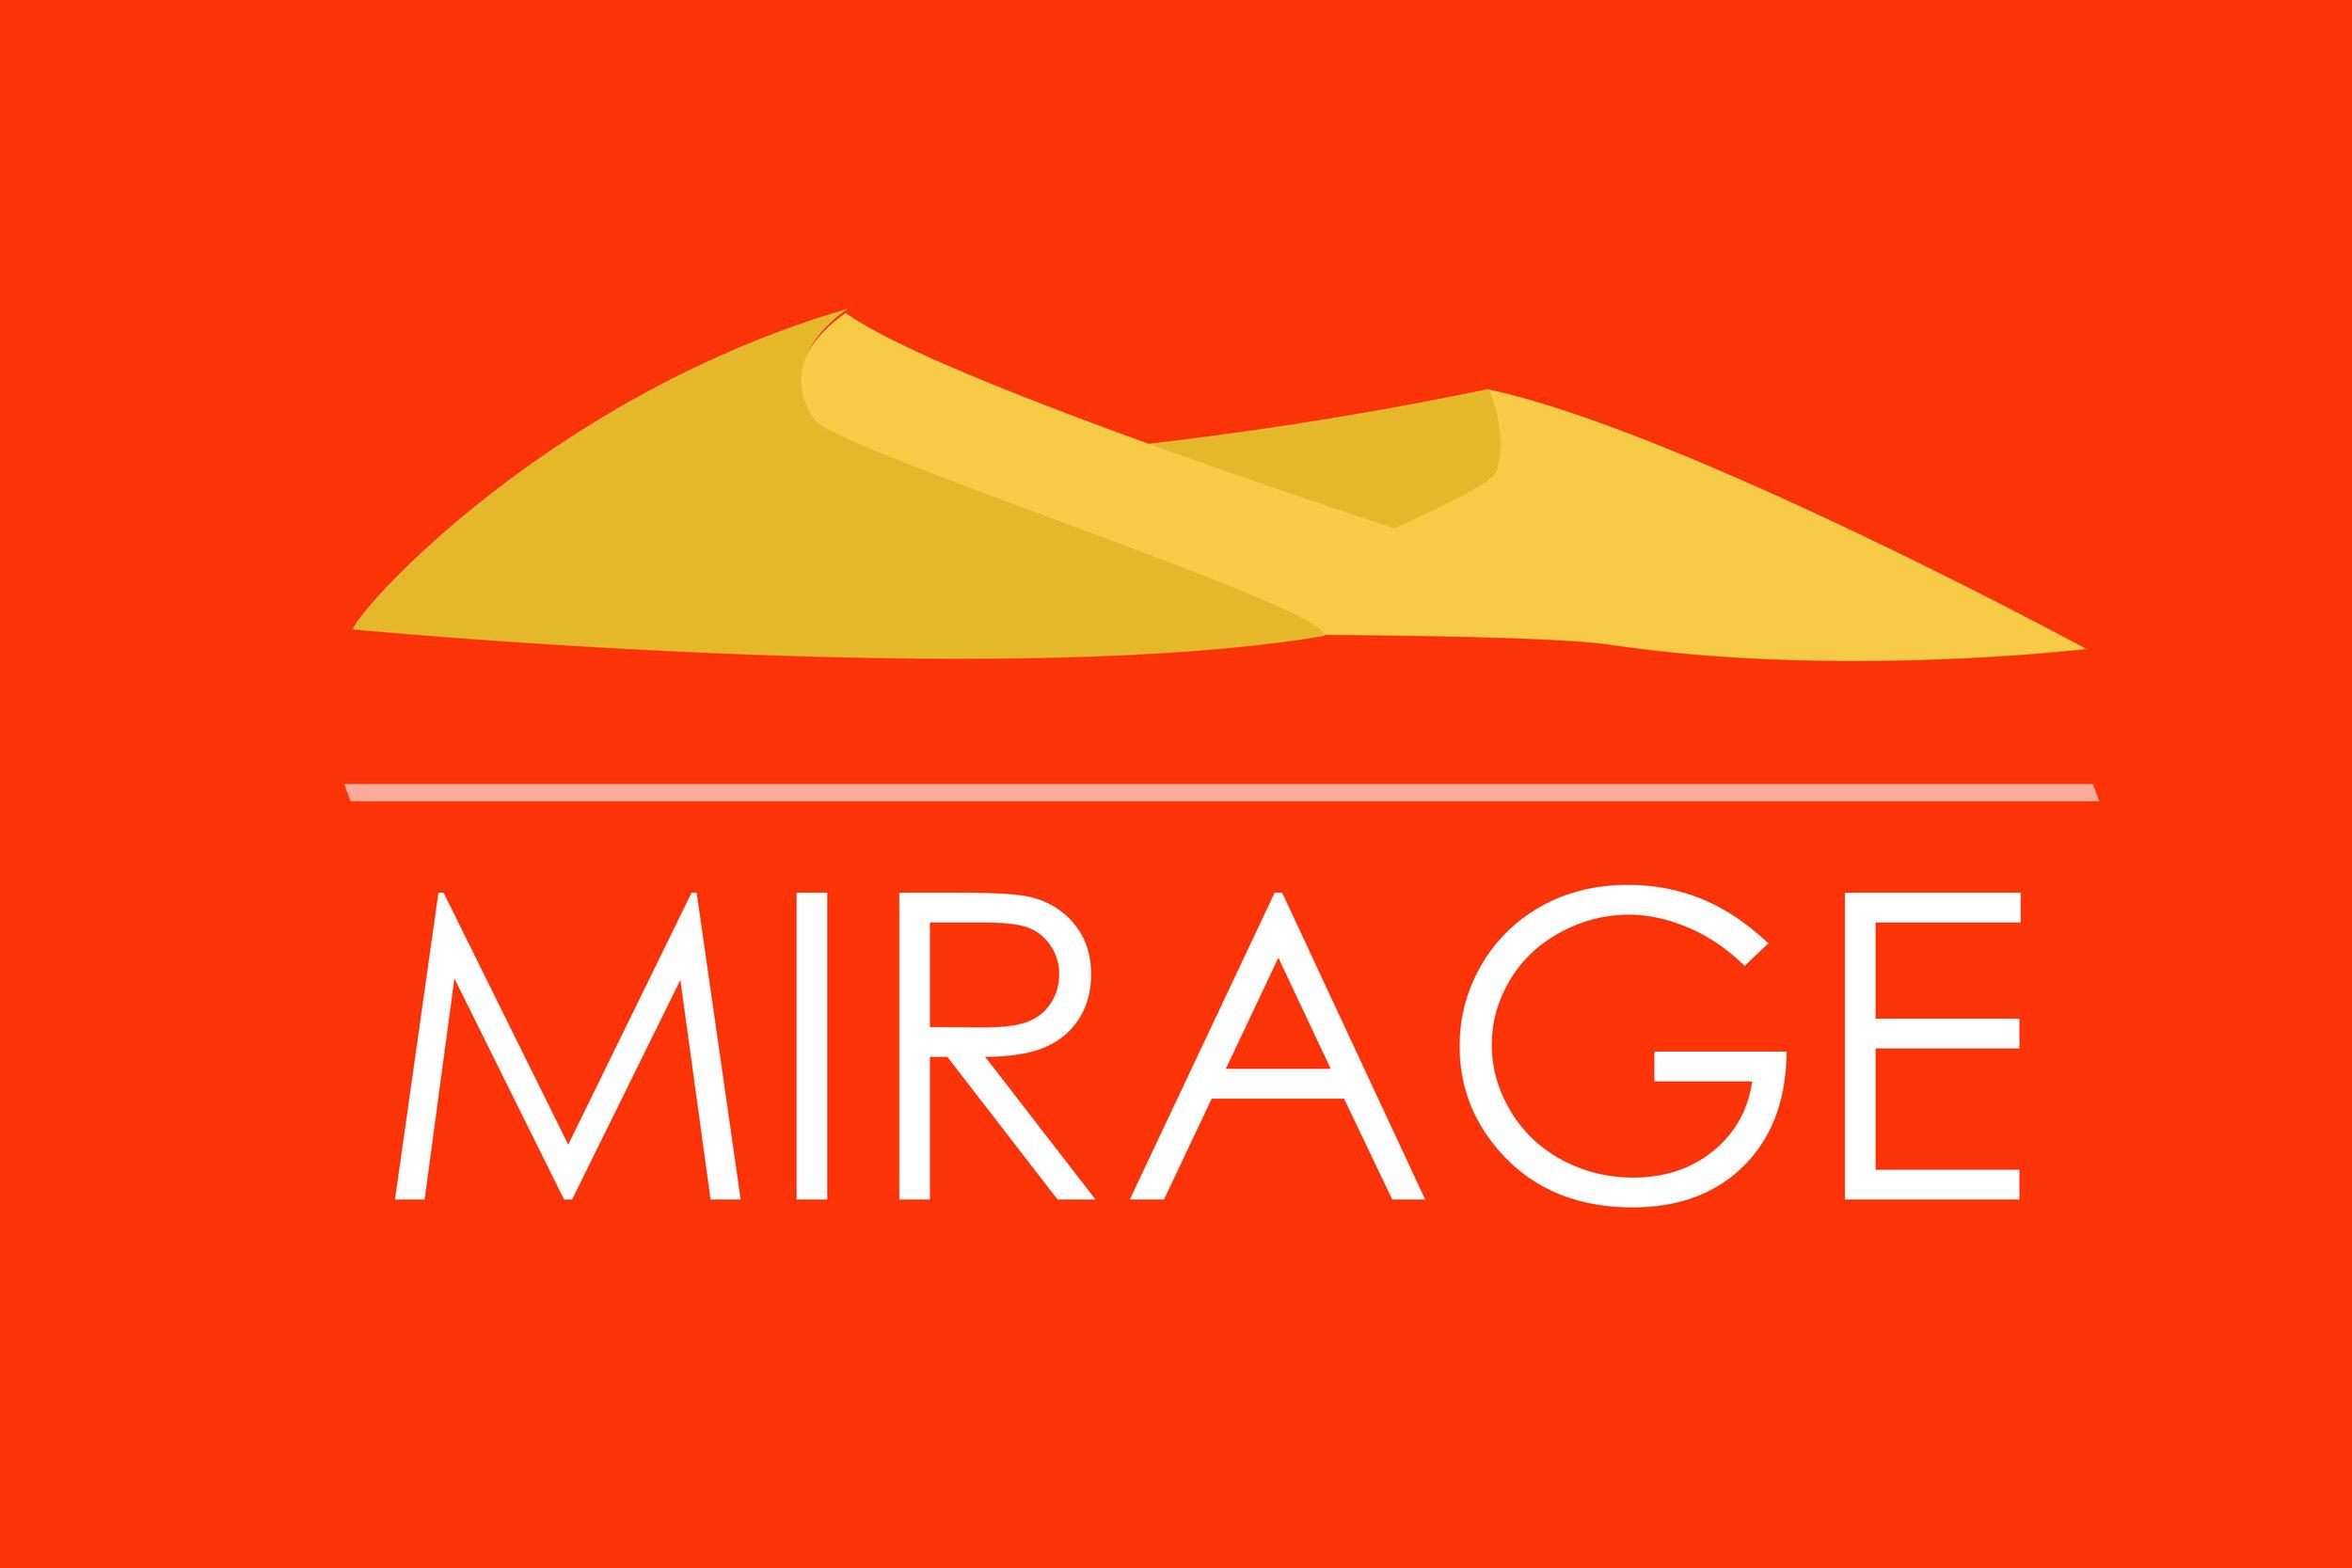 Mirage Fyre.jpg